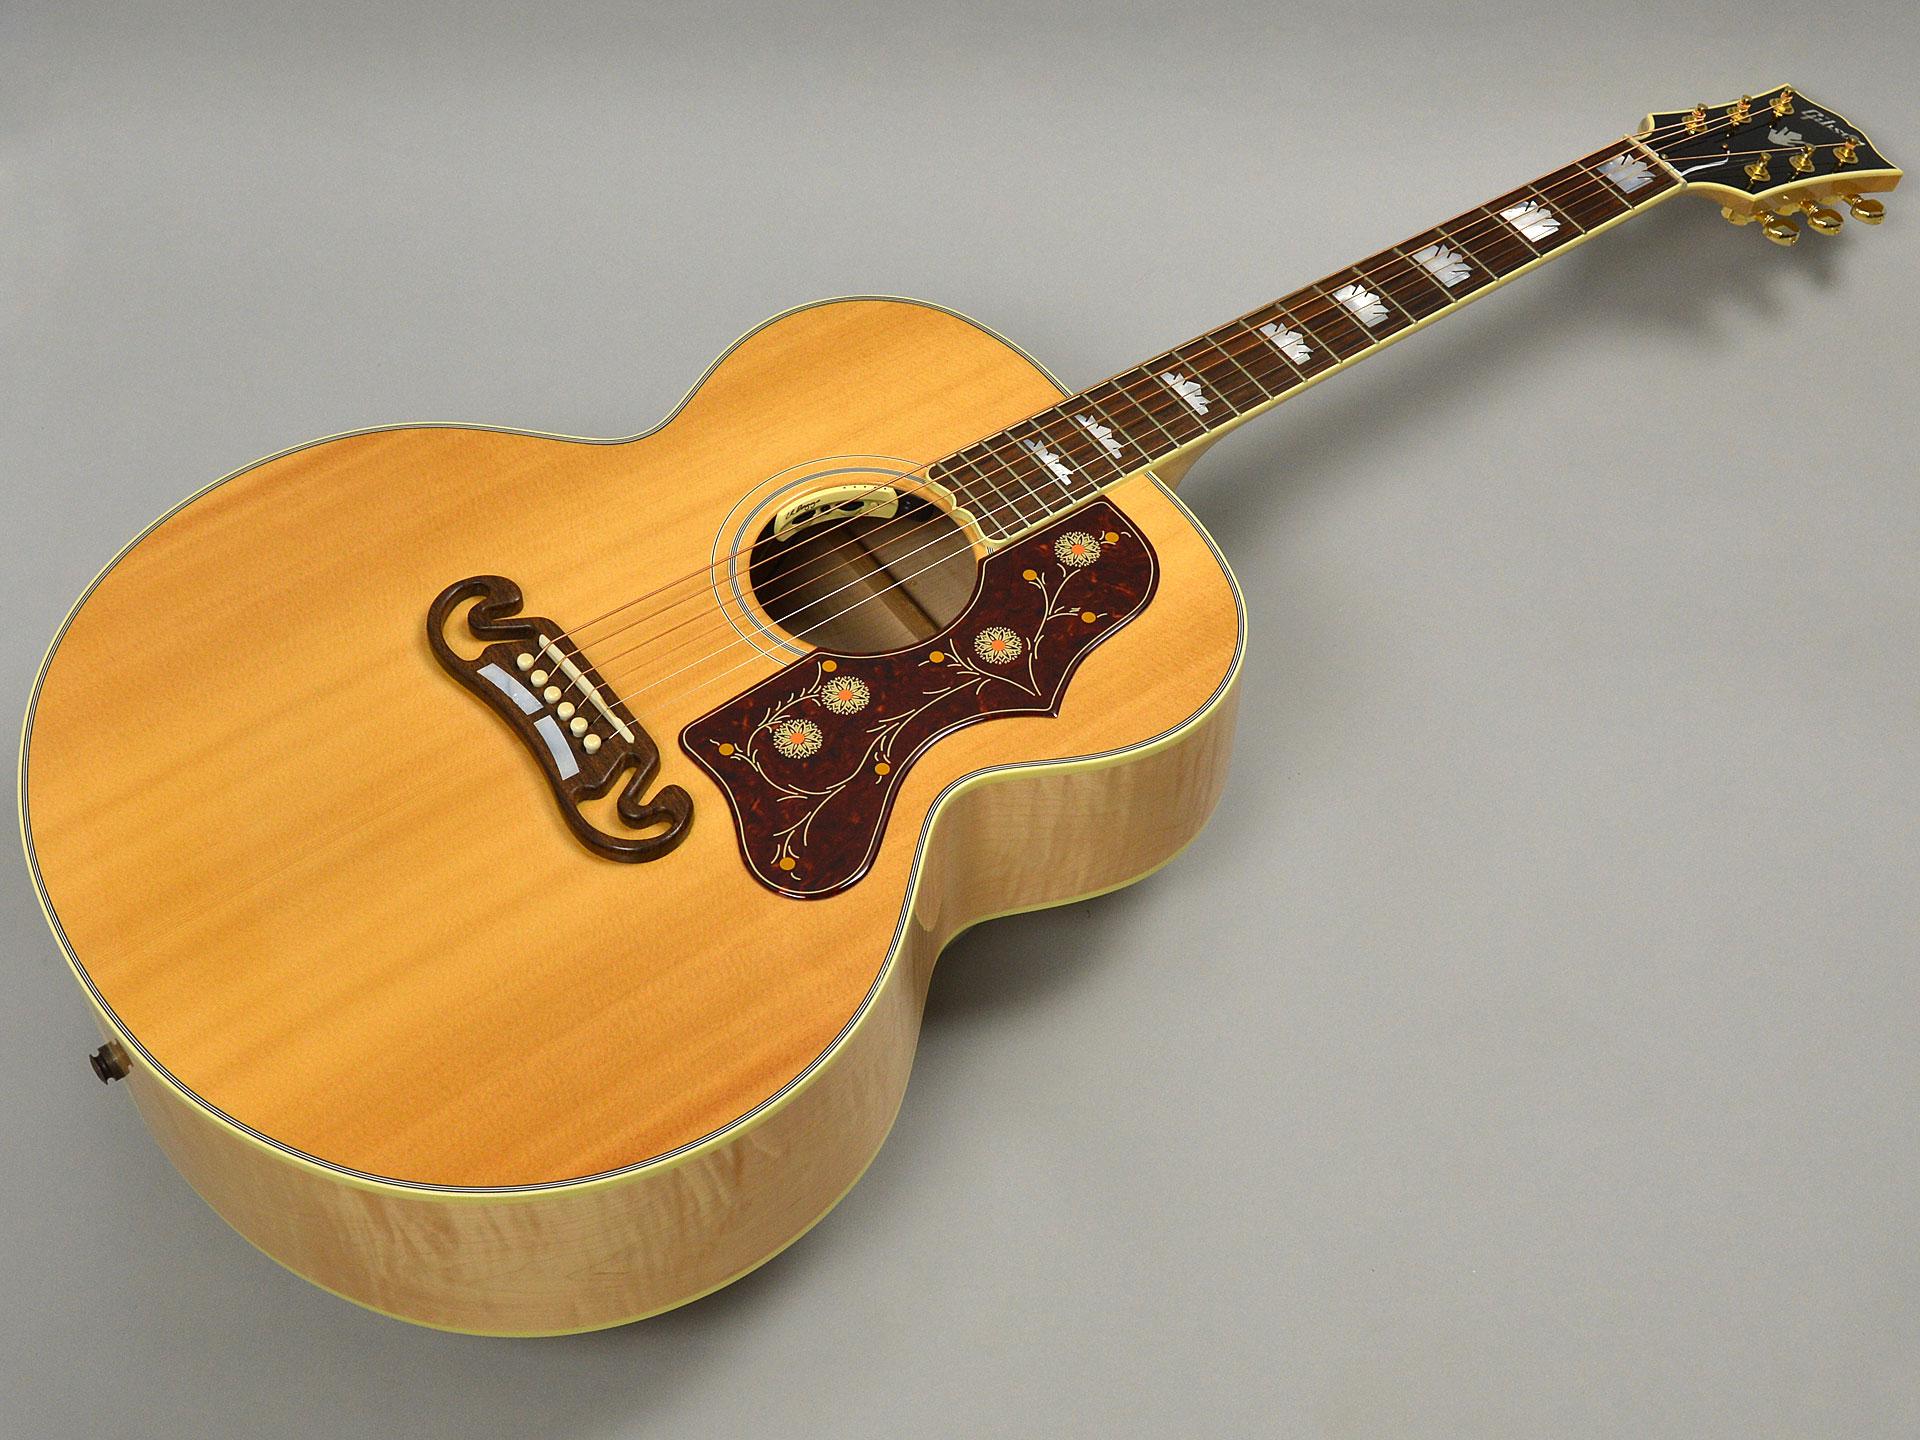 Gibson SJ-200 STANDARDトップ画像